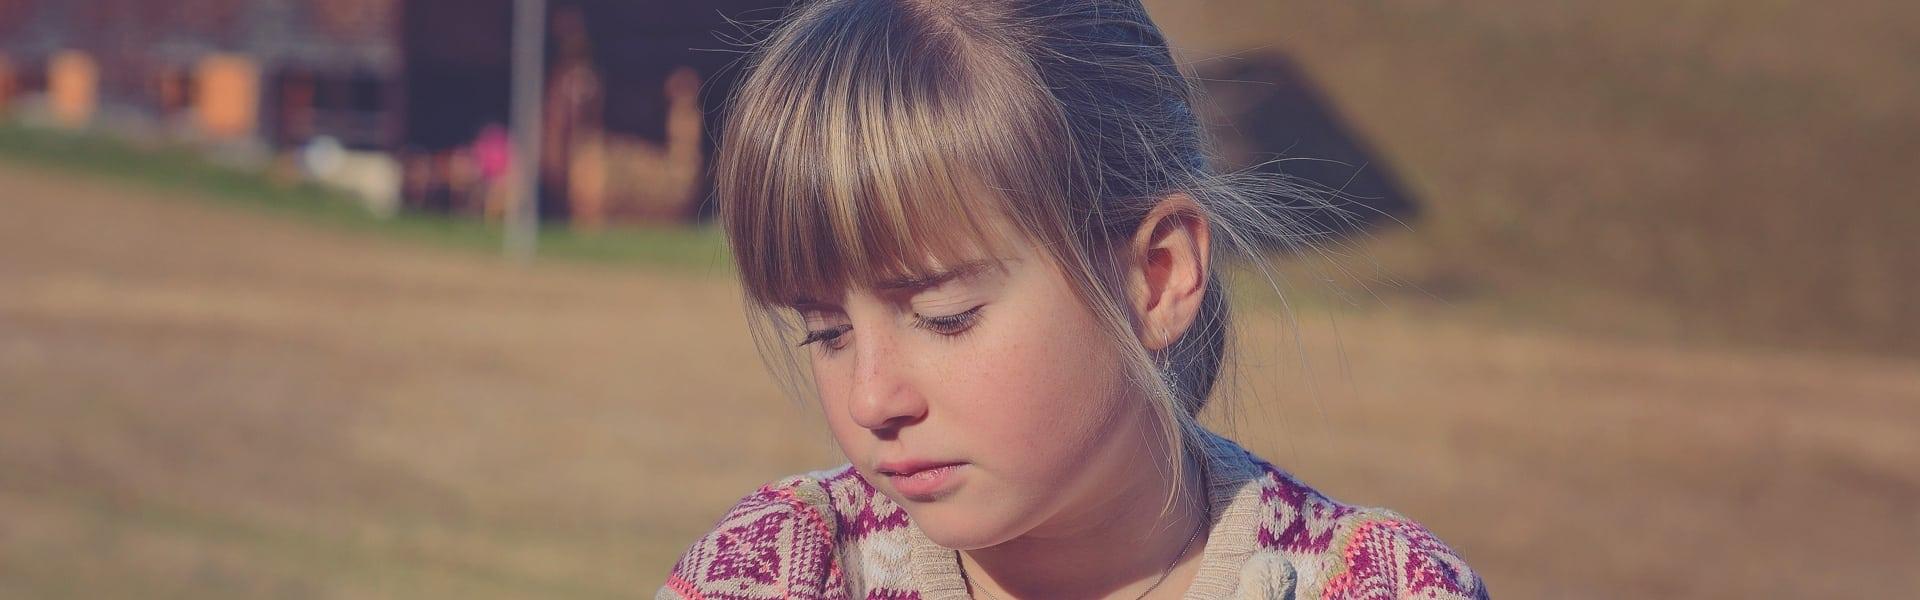 Impact de l'enfance sur la dépendance affective